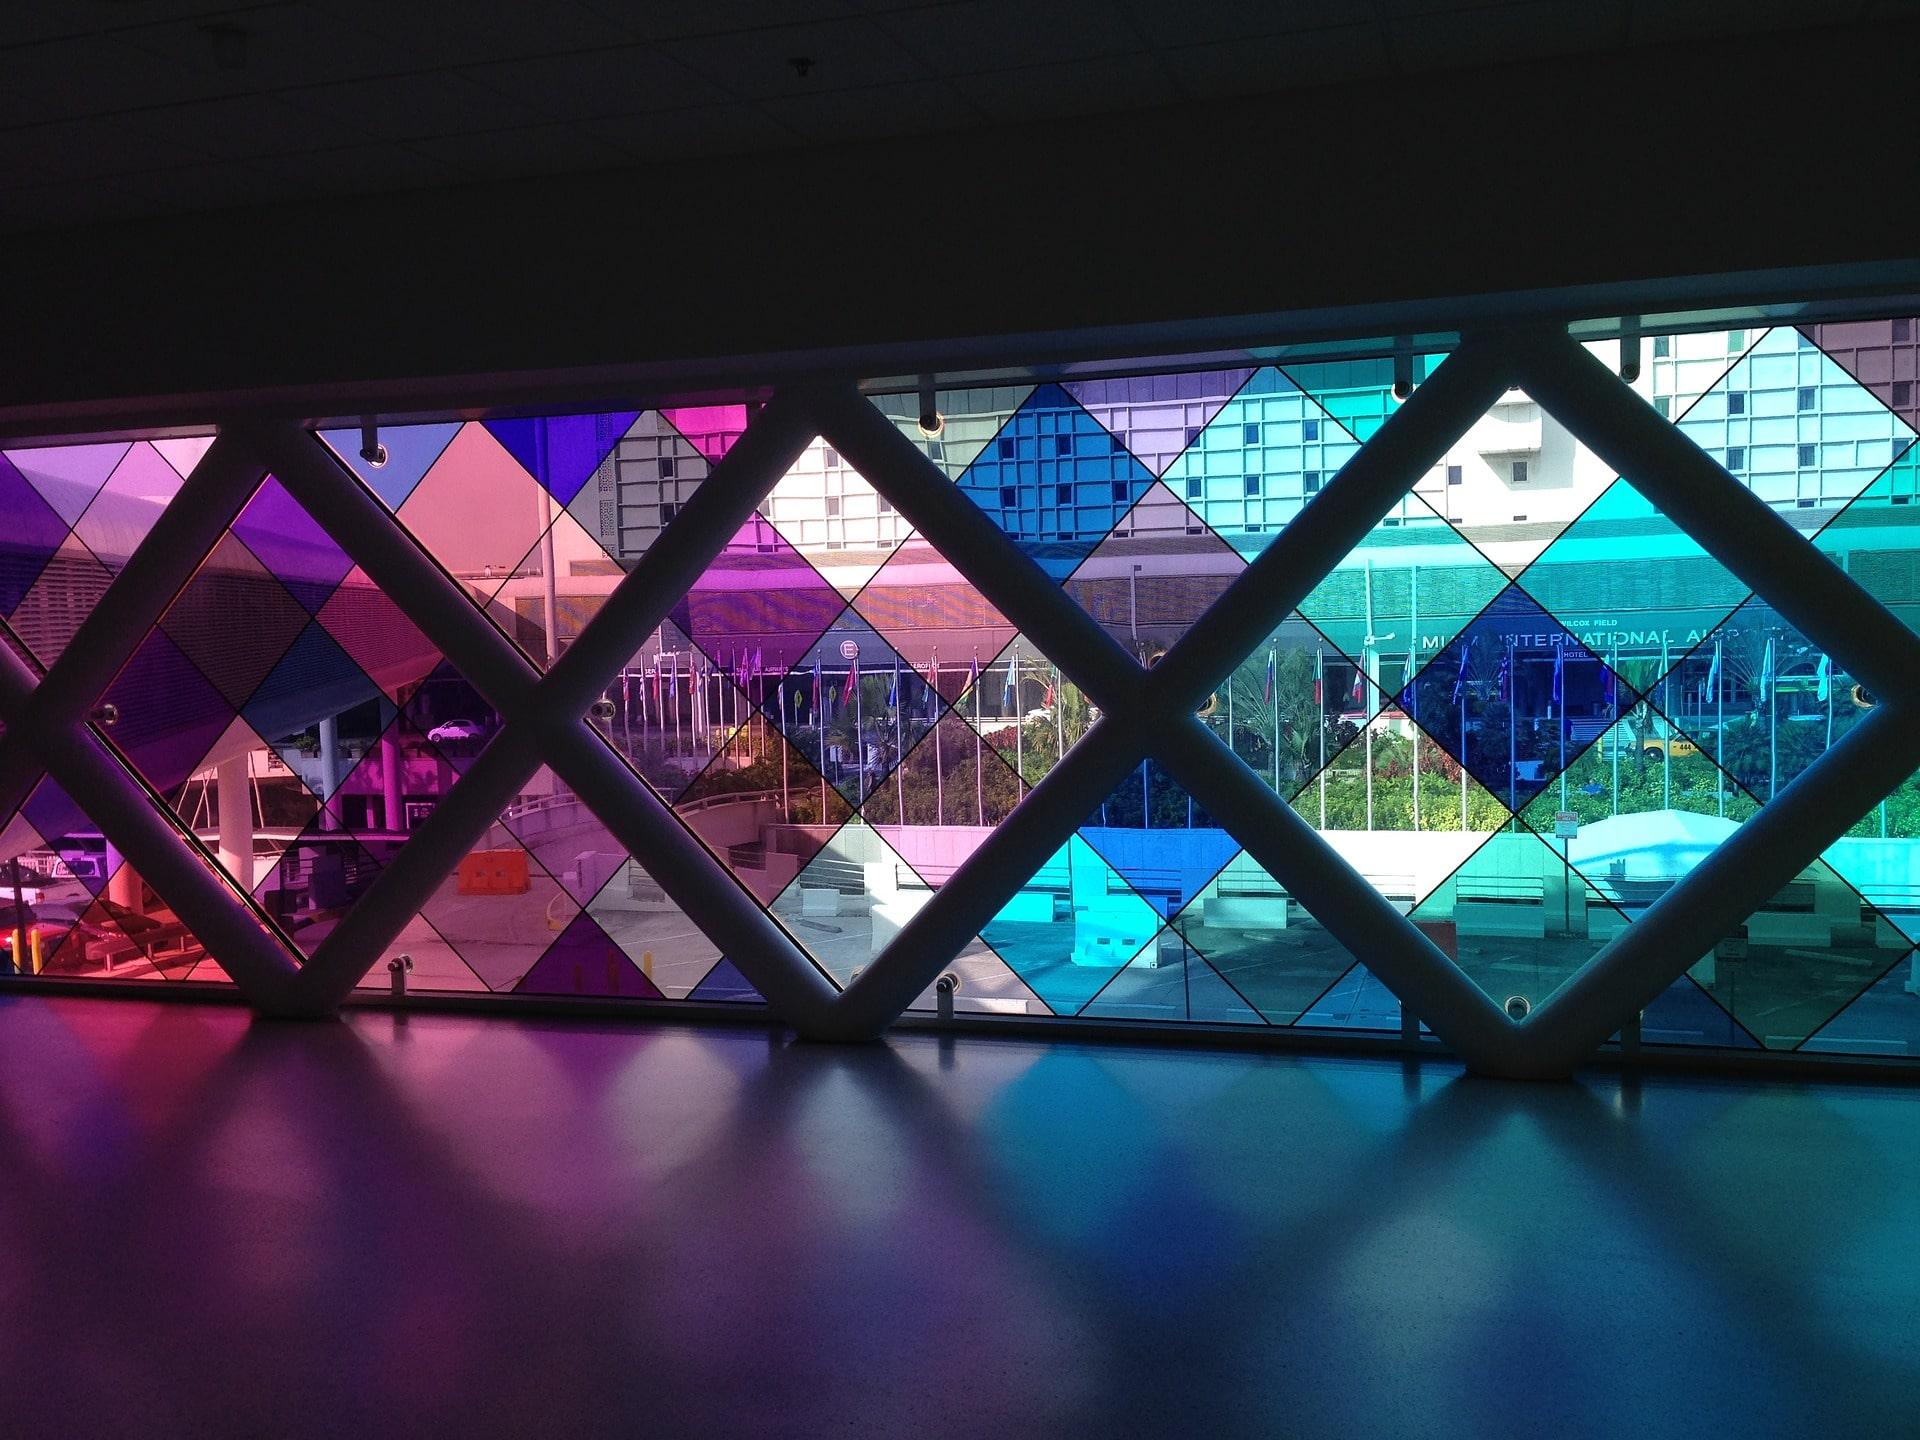 ابعاد و اندازه شیشه رنگی - استوارسازان